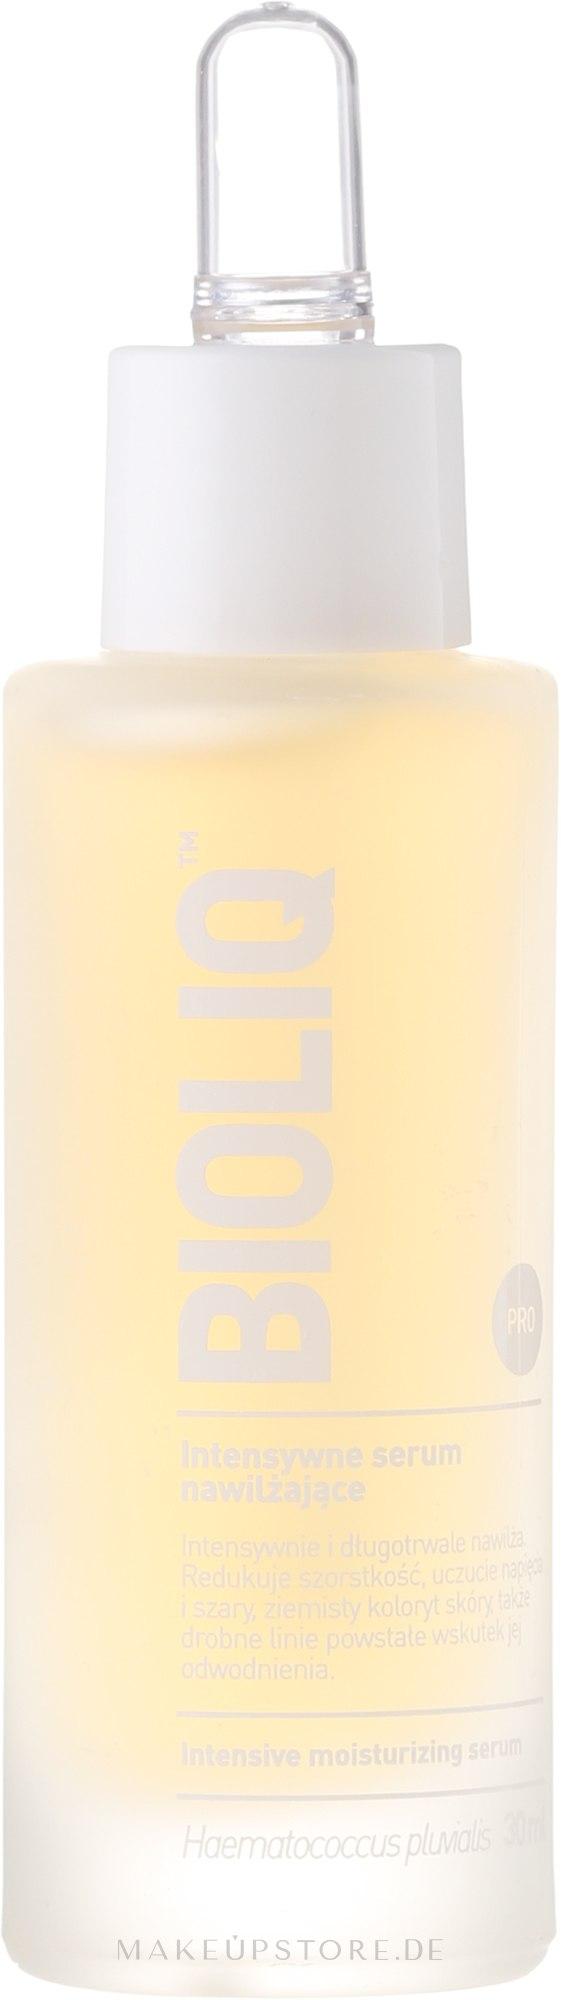 Intensiv feuchtigkeitsspendendes Gesichtsserum - Bioliq Pro Intensive Moisturizing Serum — Bild 30 ml